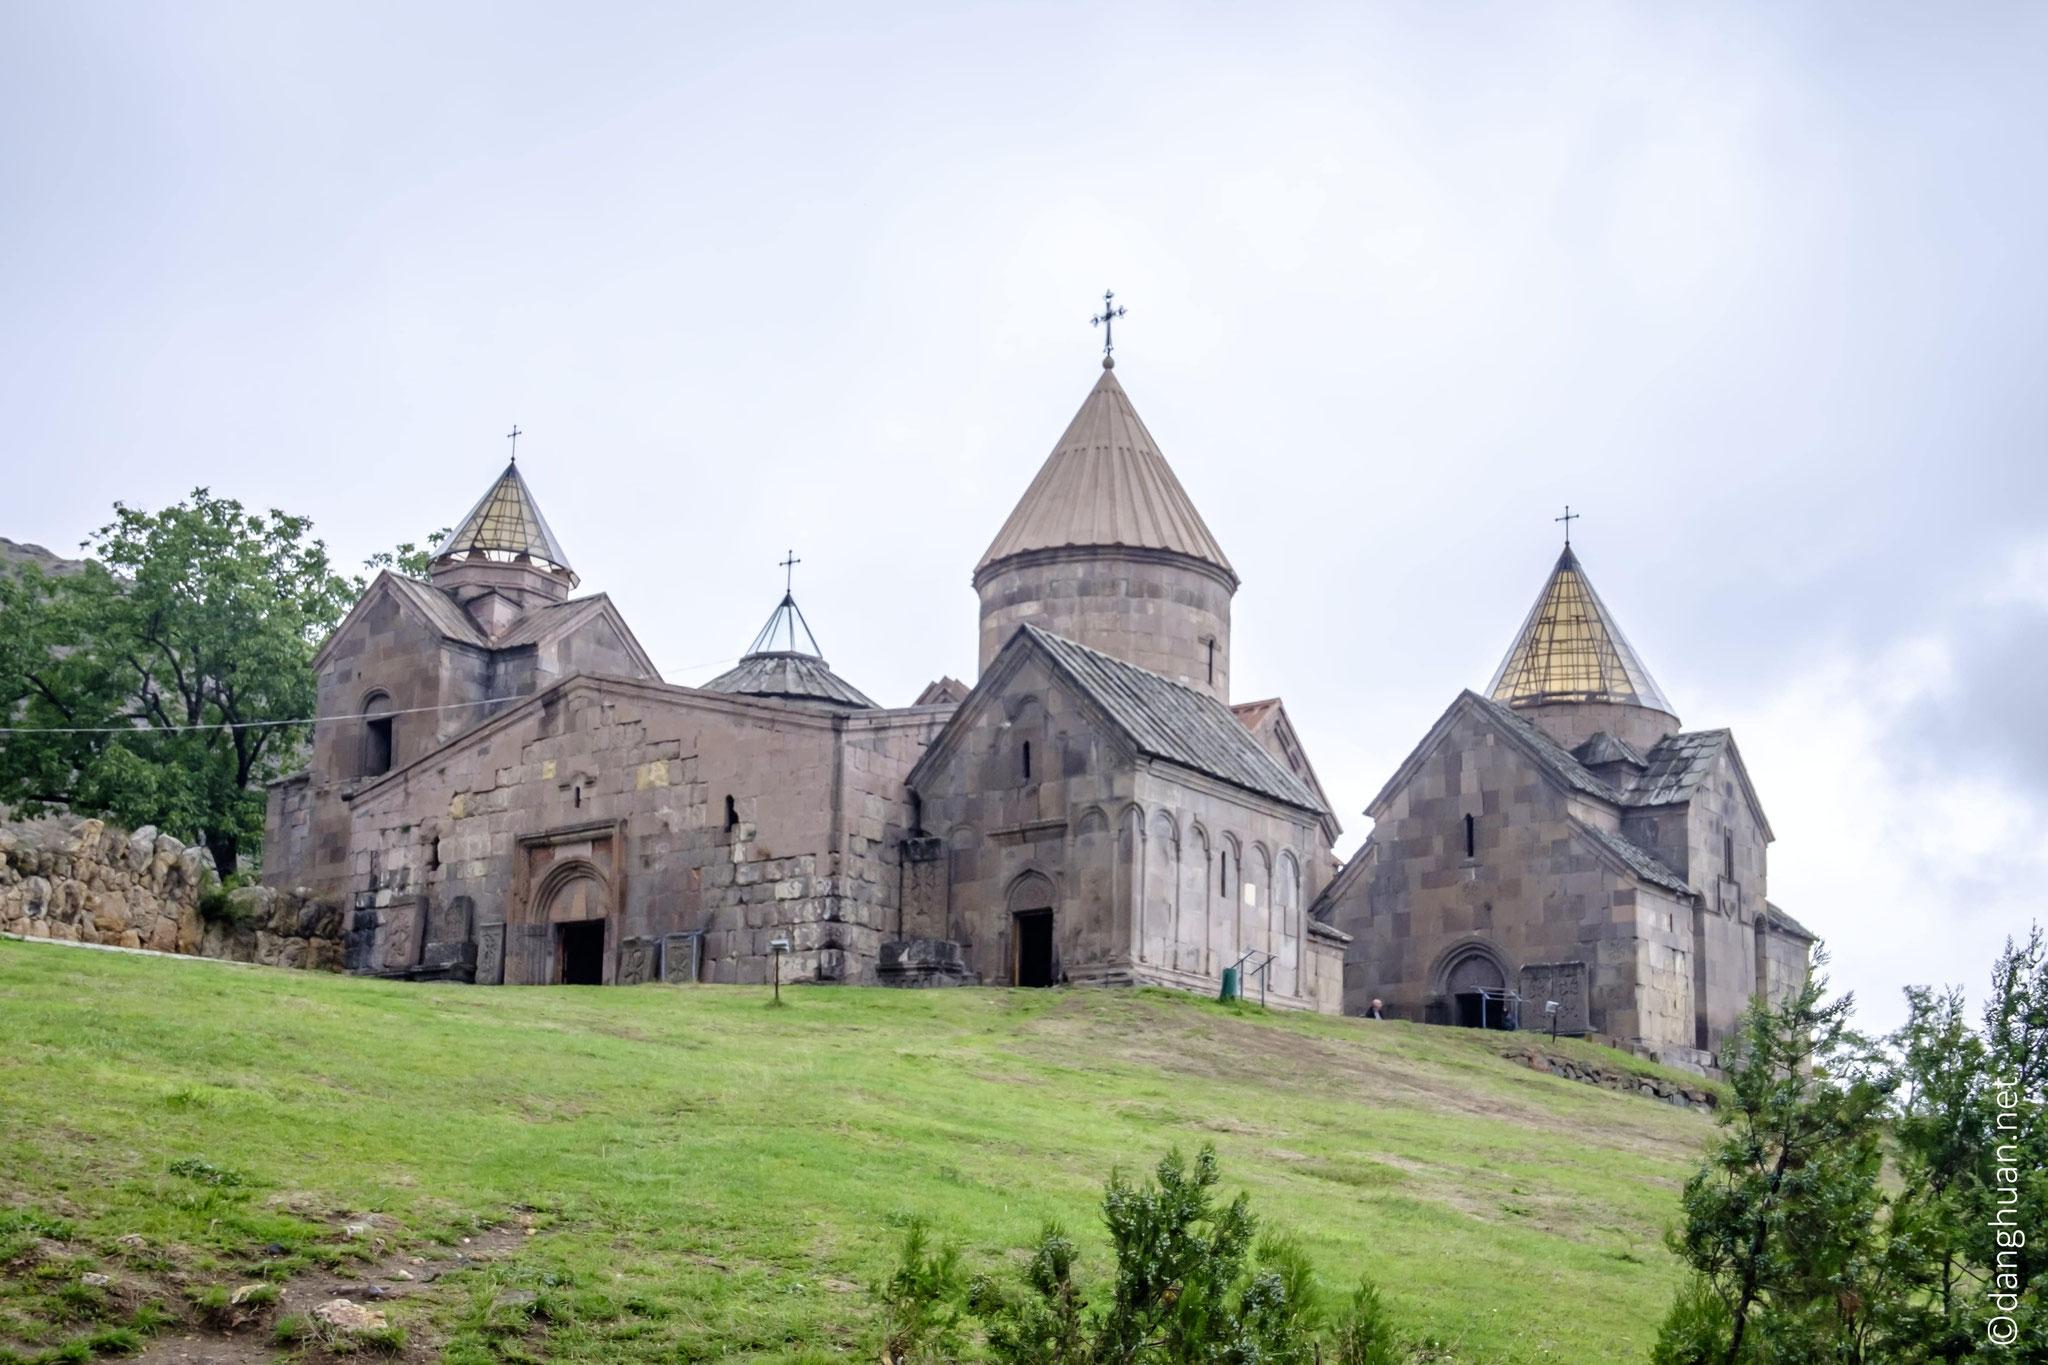 L'église principale du monastère, Sainte-Mère-de-Dieu, est précédée d'un gavit ; deux autres églises, plusieurs chapelles et une bibliothèque complètent le site